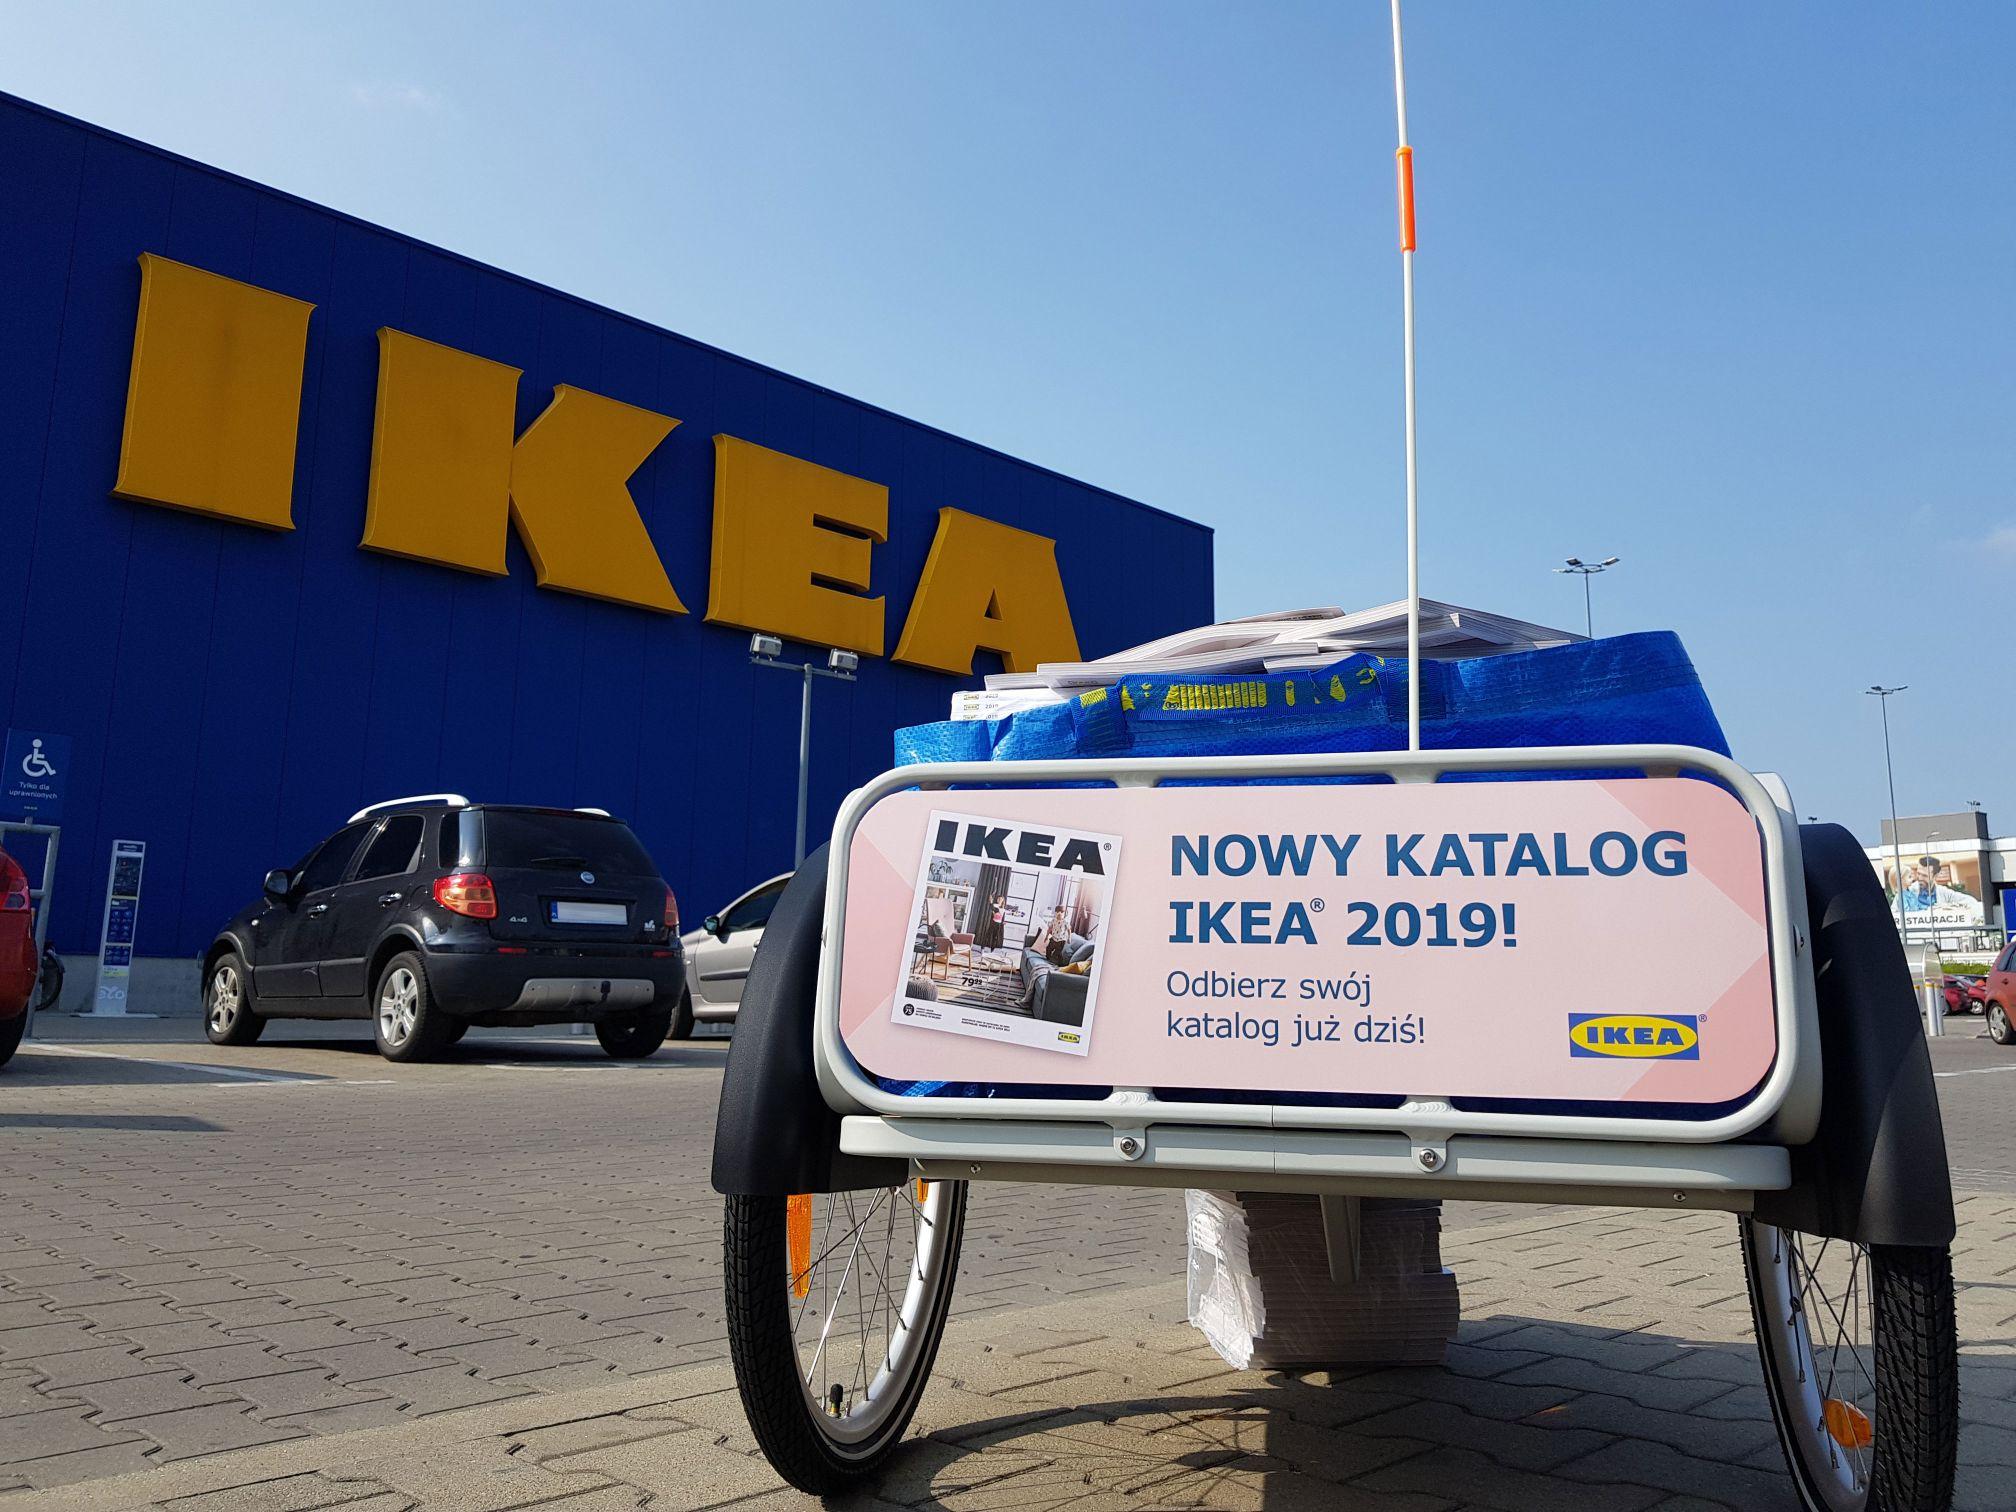 Katalog Ikea 2019 Po Raz Pierwszy W Rzeszowie Rozdadza 15 Tys